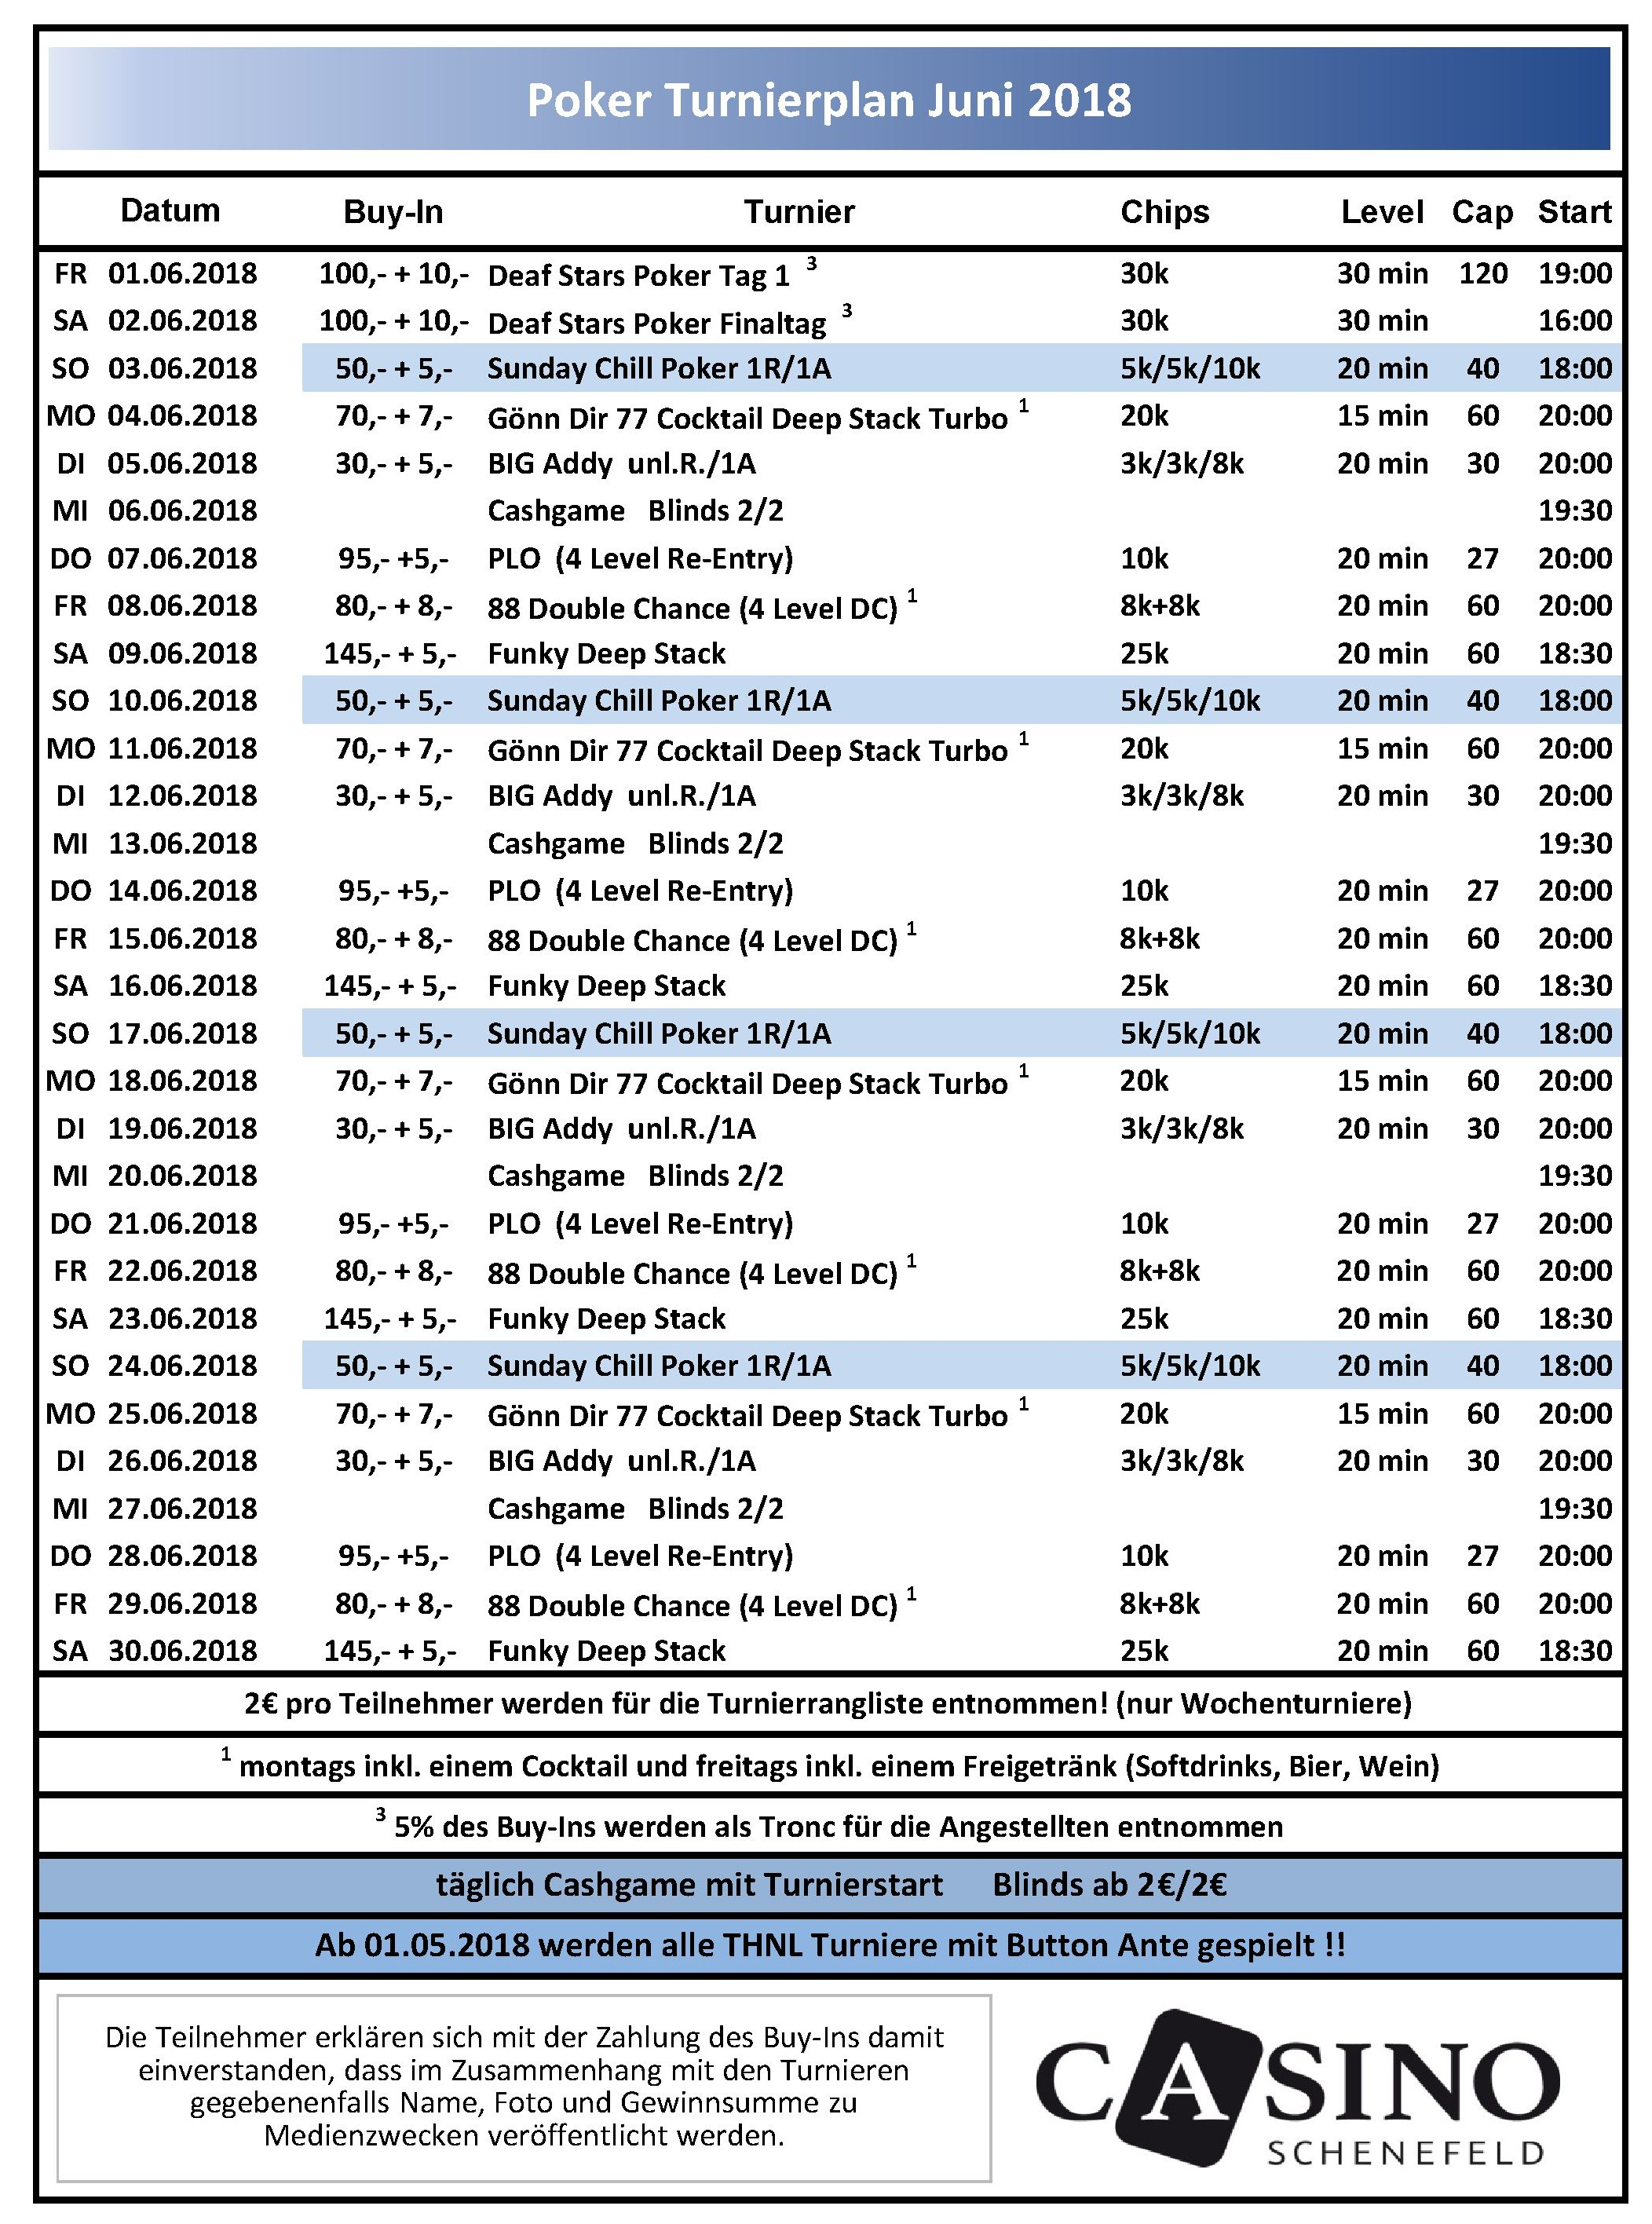 Schenefeld Turnierplan Juni 2018